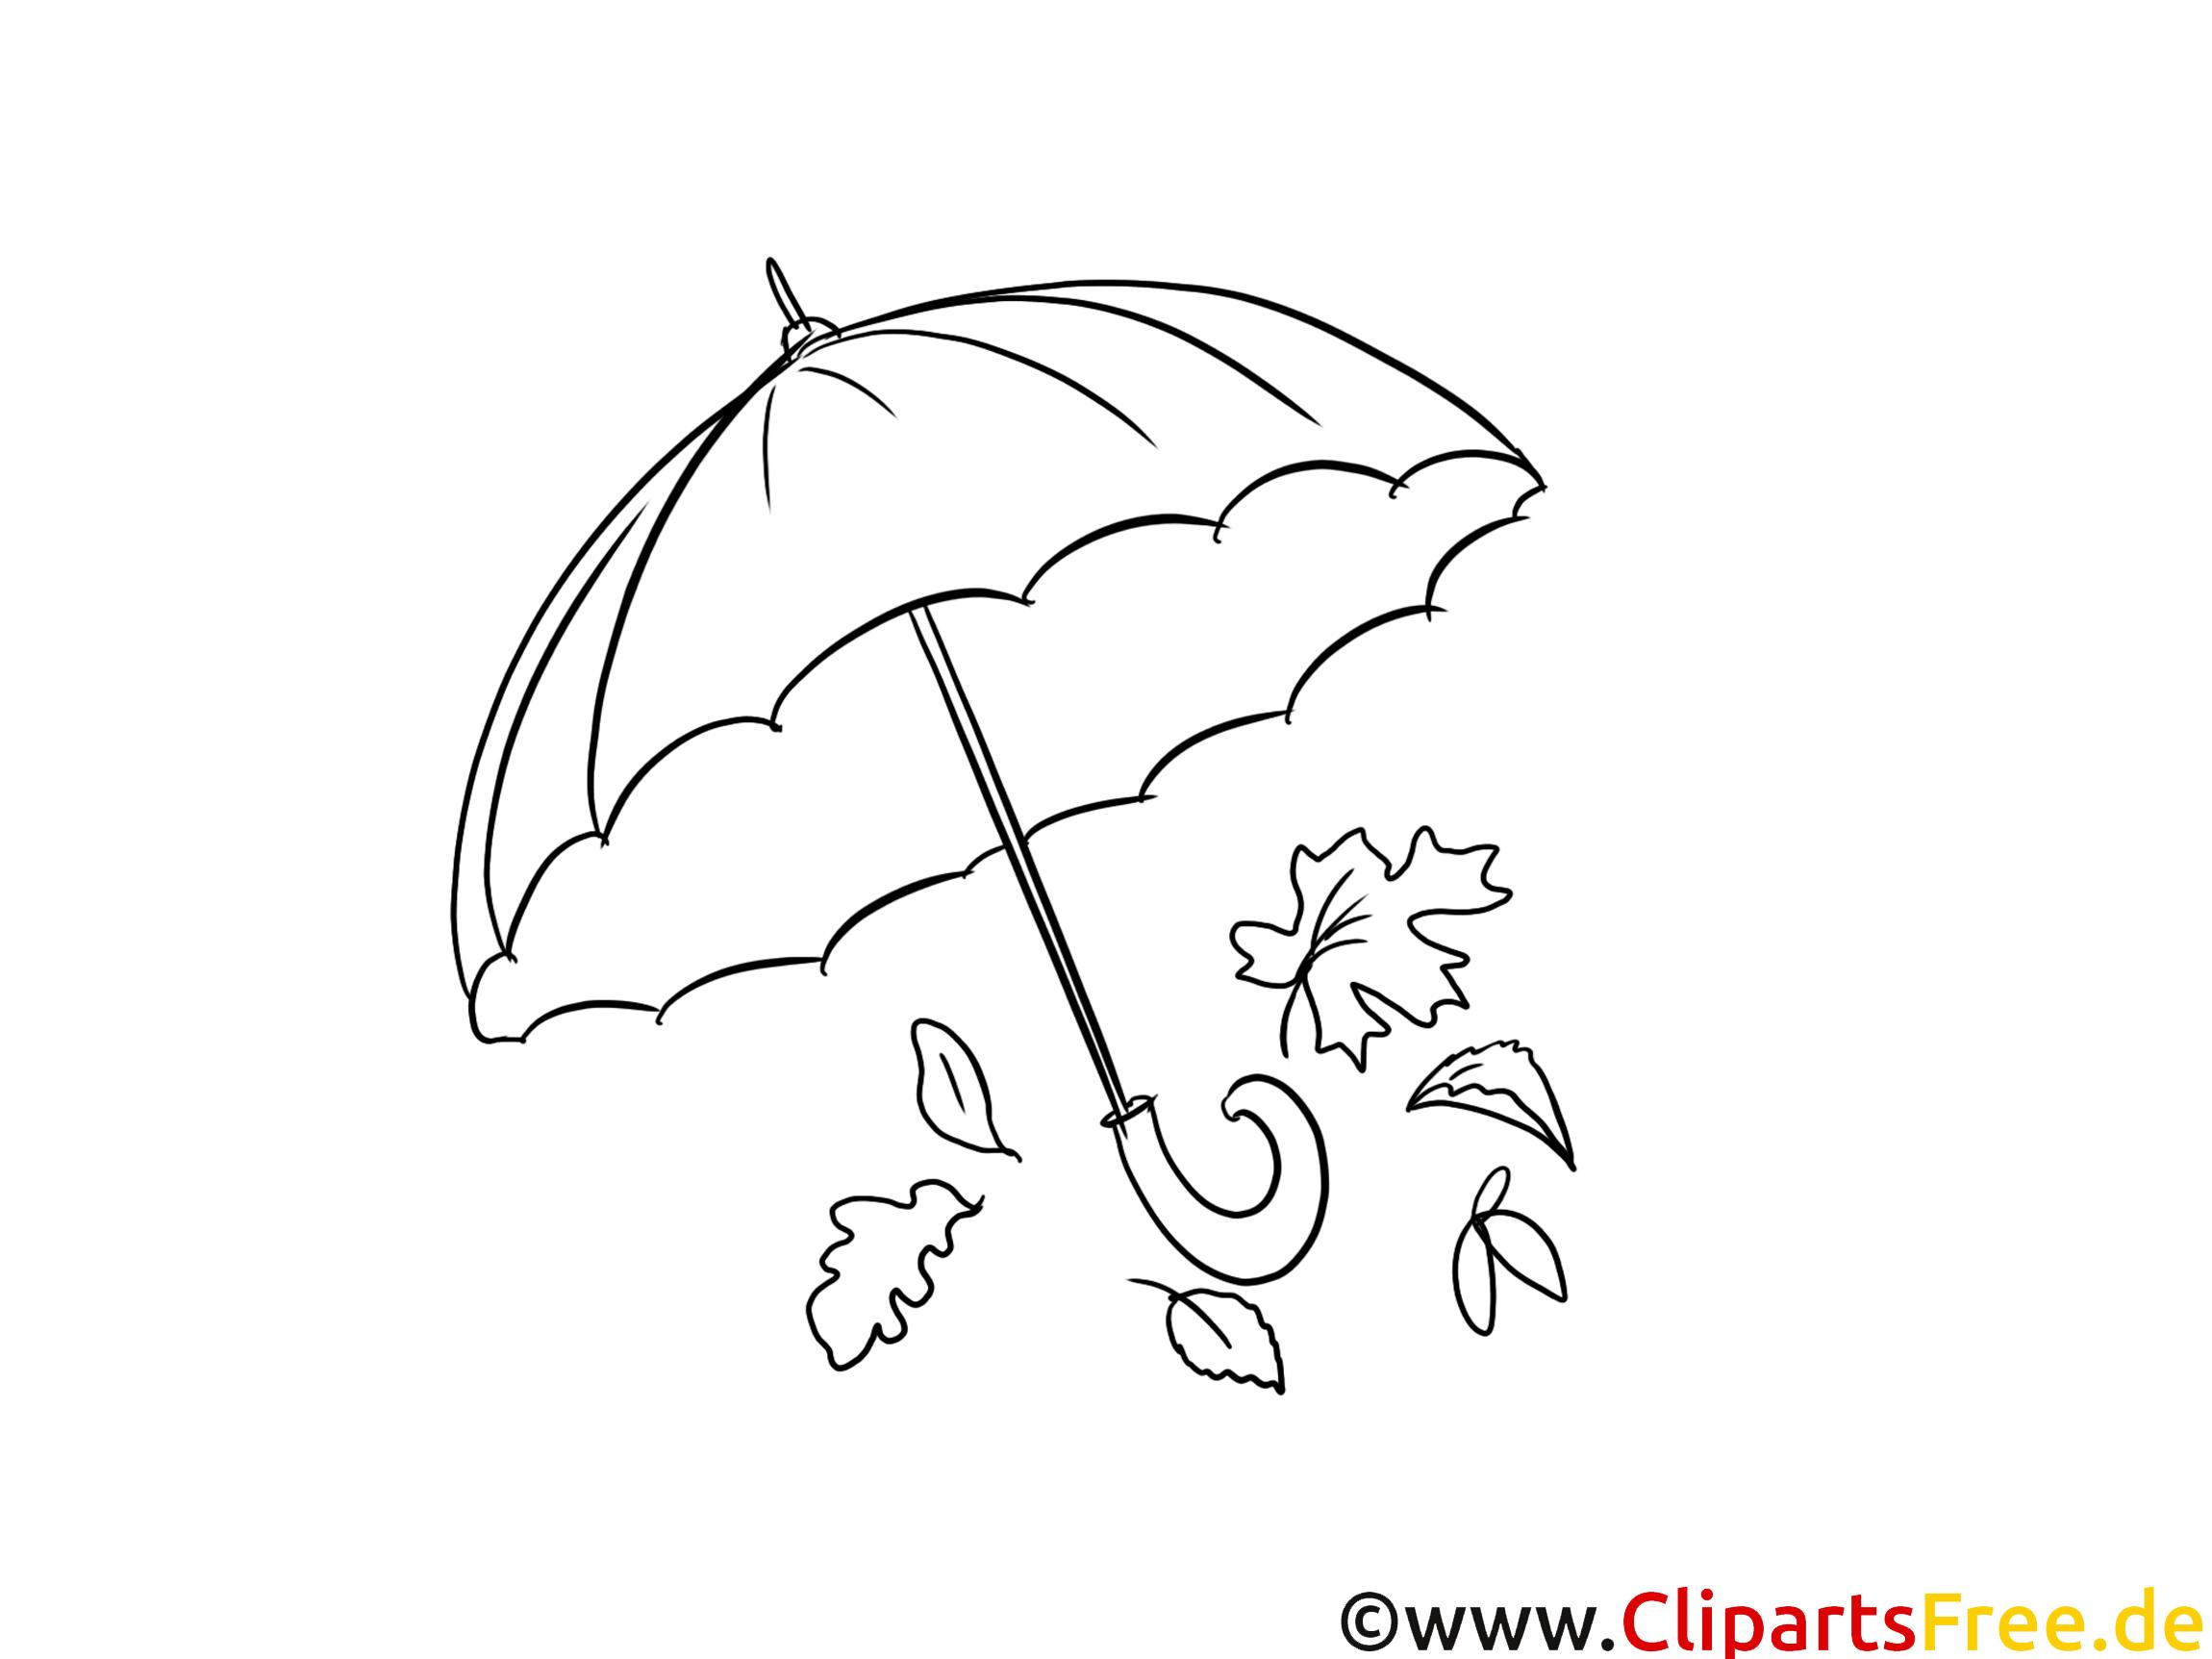 regenschirm malvorlagen für kinder